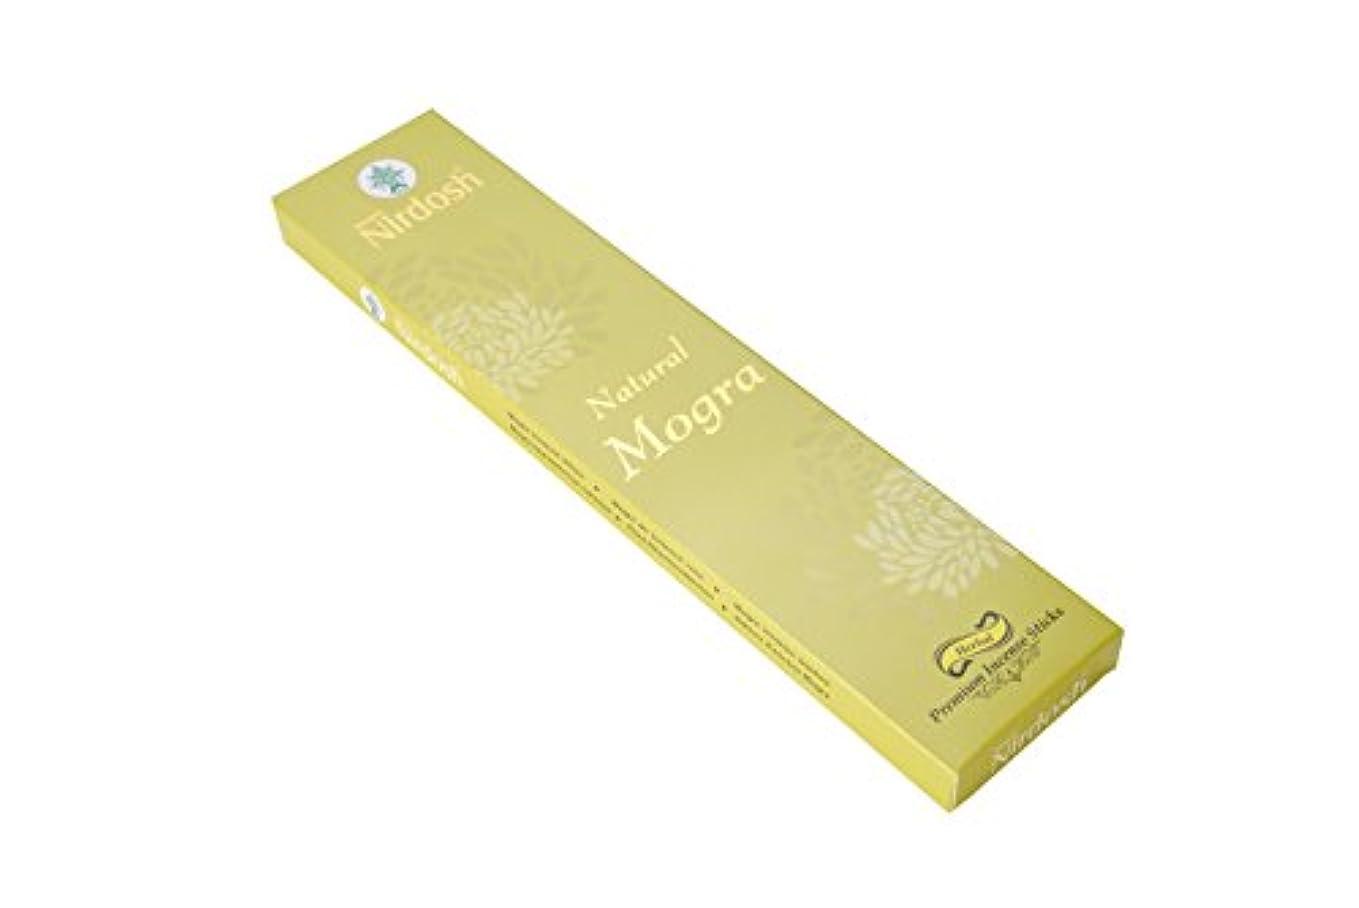 生息地判読できないマカダムNirdosh Premium Herbal Incense Sticks – Natural Mogra味100 g。12インチLong ( Pack of 2 ) with 1 Free木製お香ホルダー